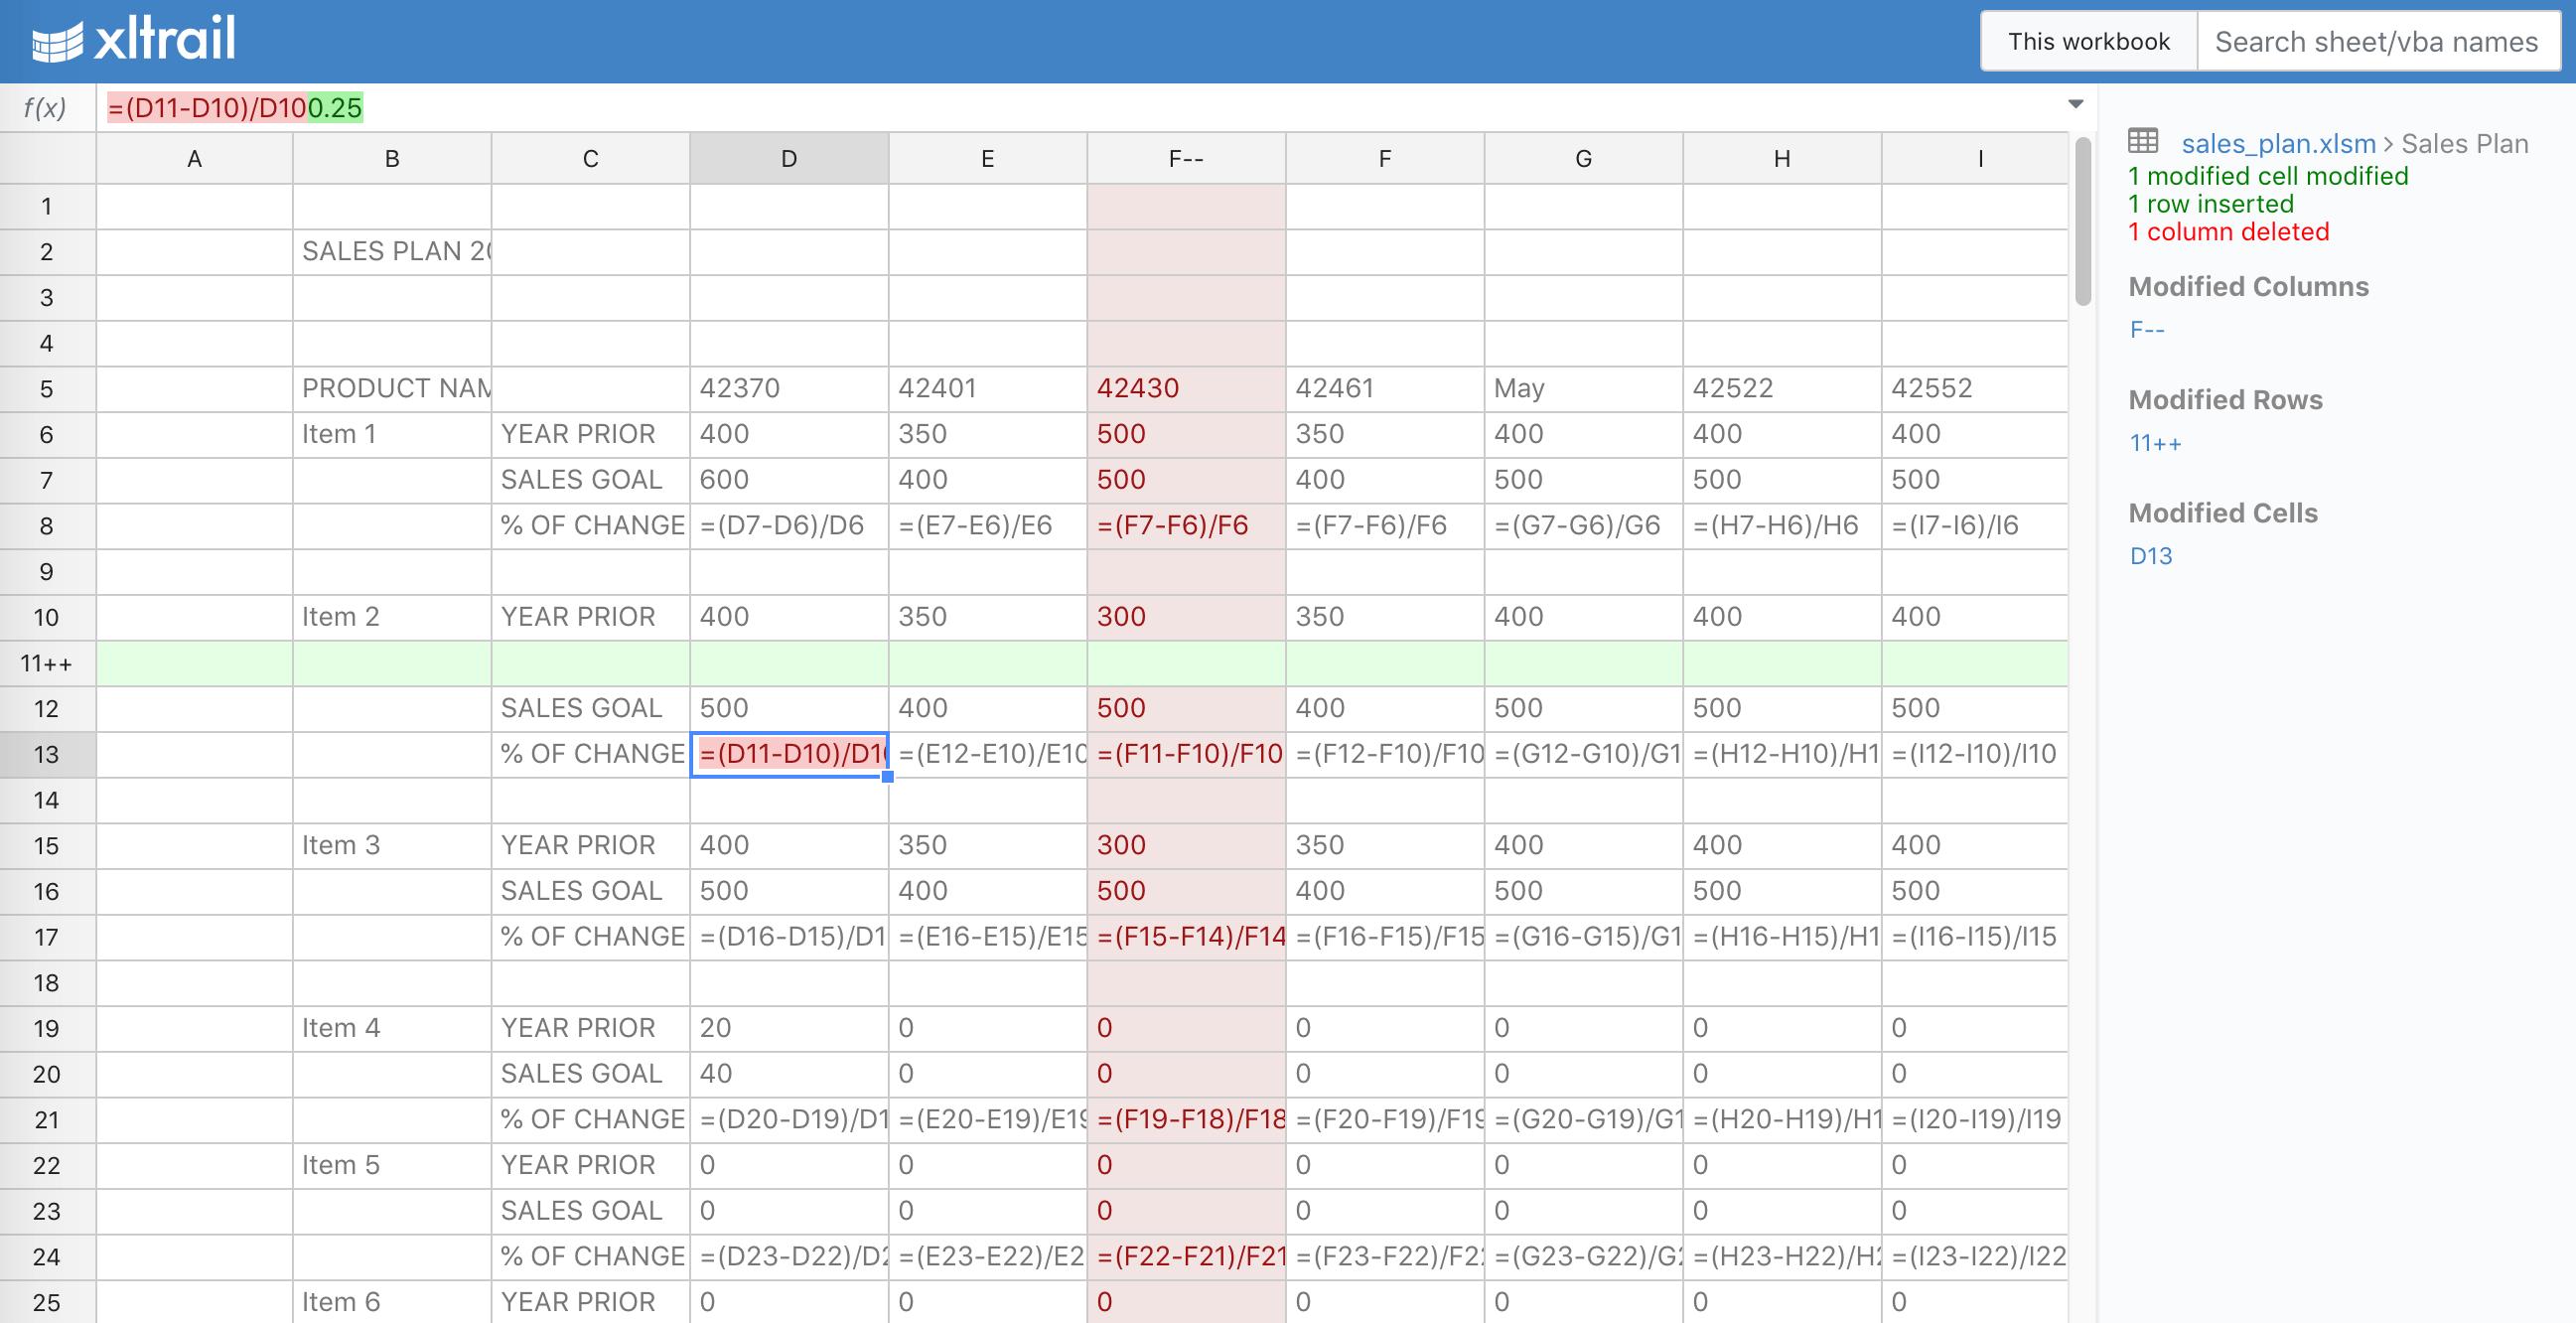 xltrail sheet comparison